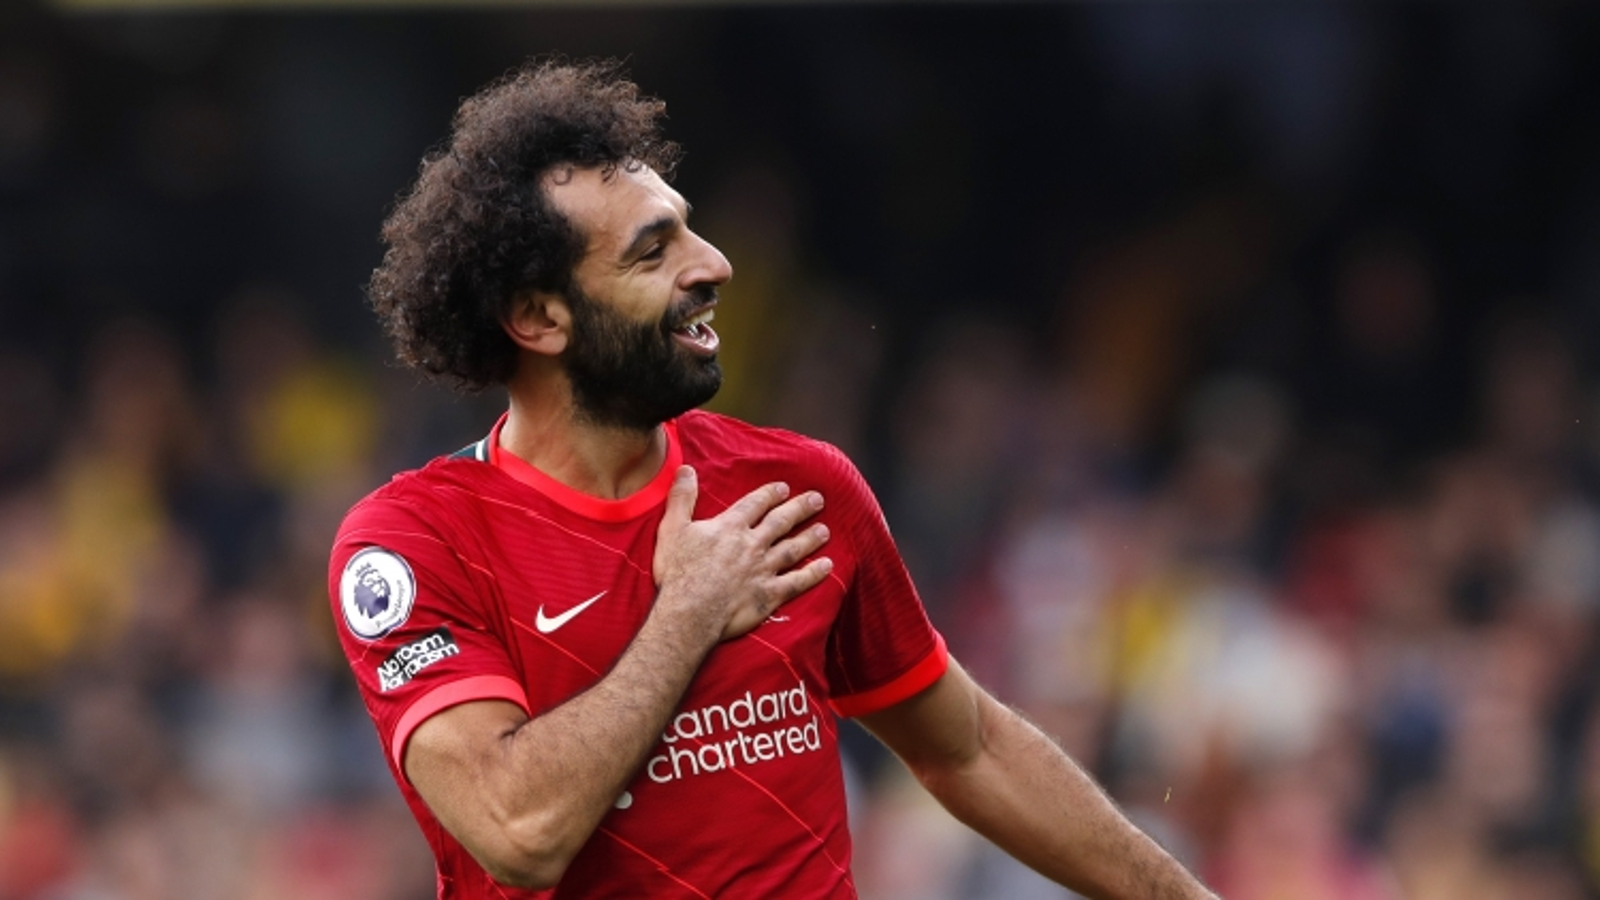 """HLV Klopp: """"Salah là cầu thủ hay nhất thế giới hiện tại"""""""